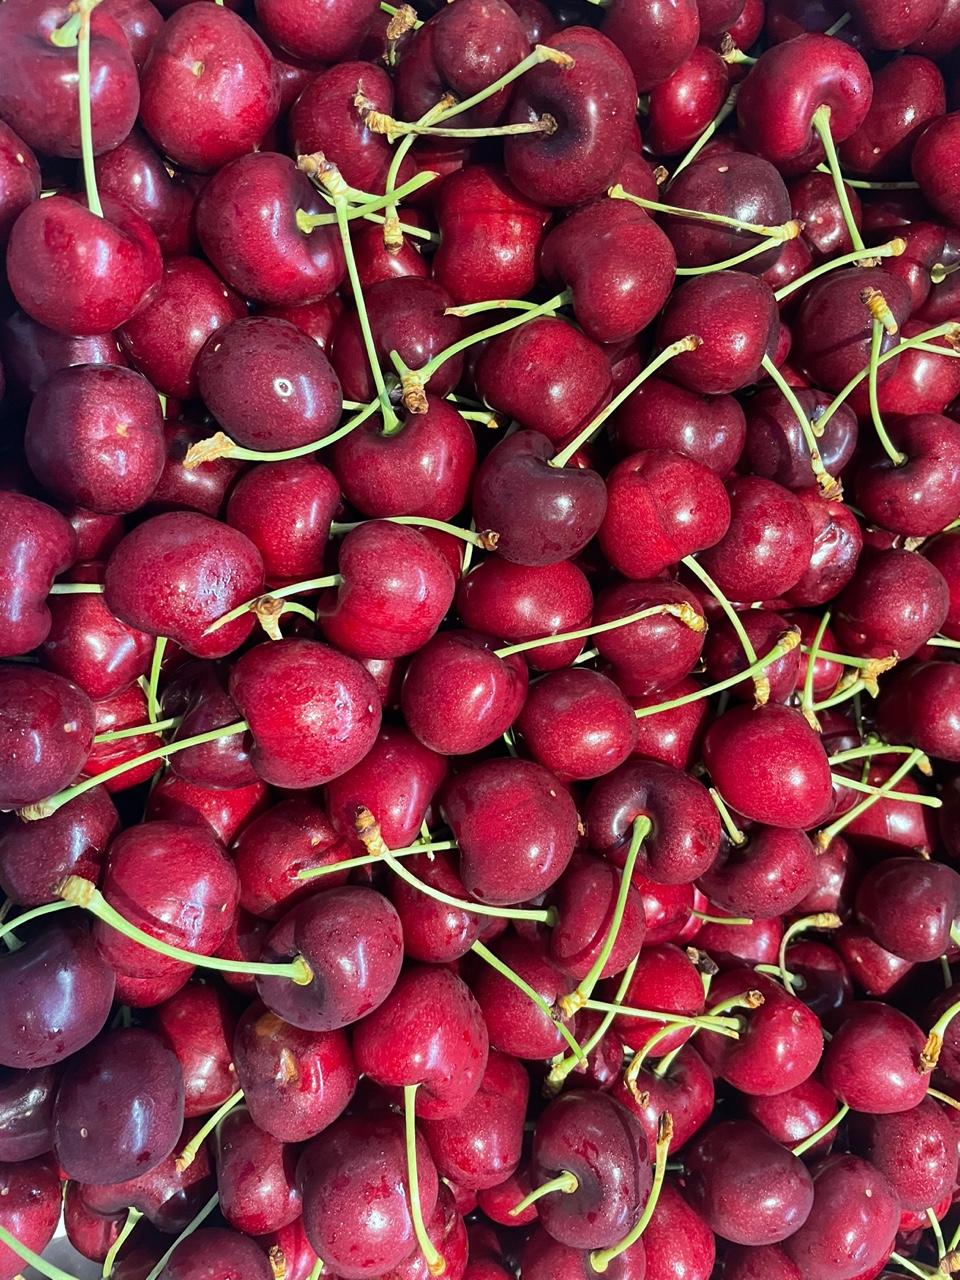 <br><h4>Dark Sweet Cherry</h4>